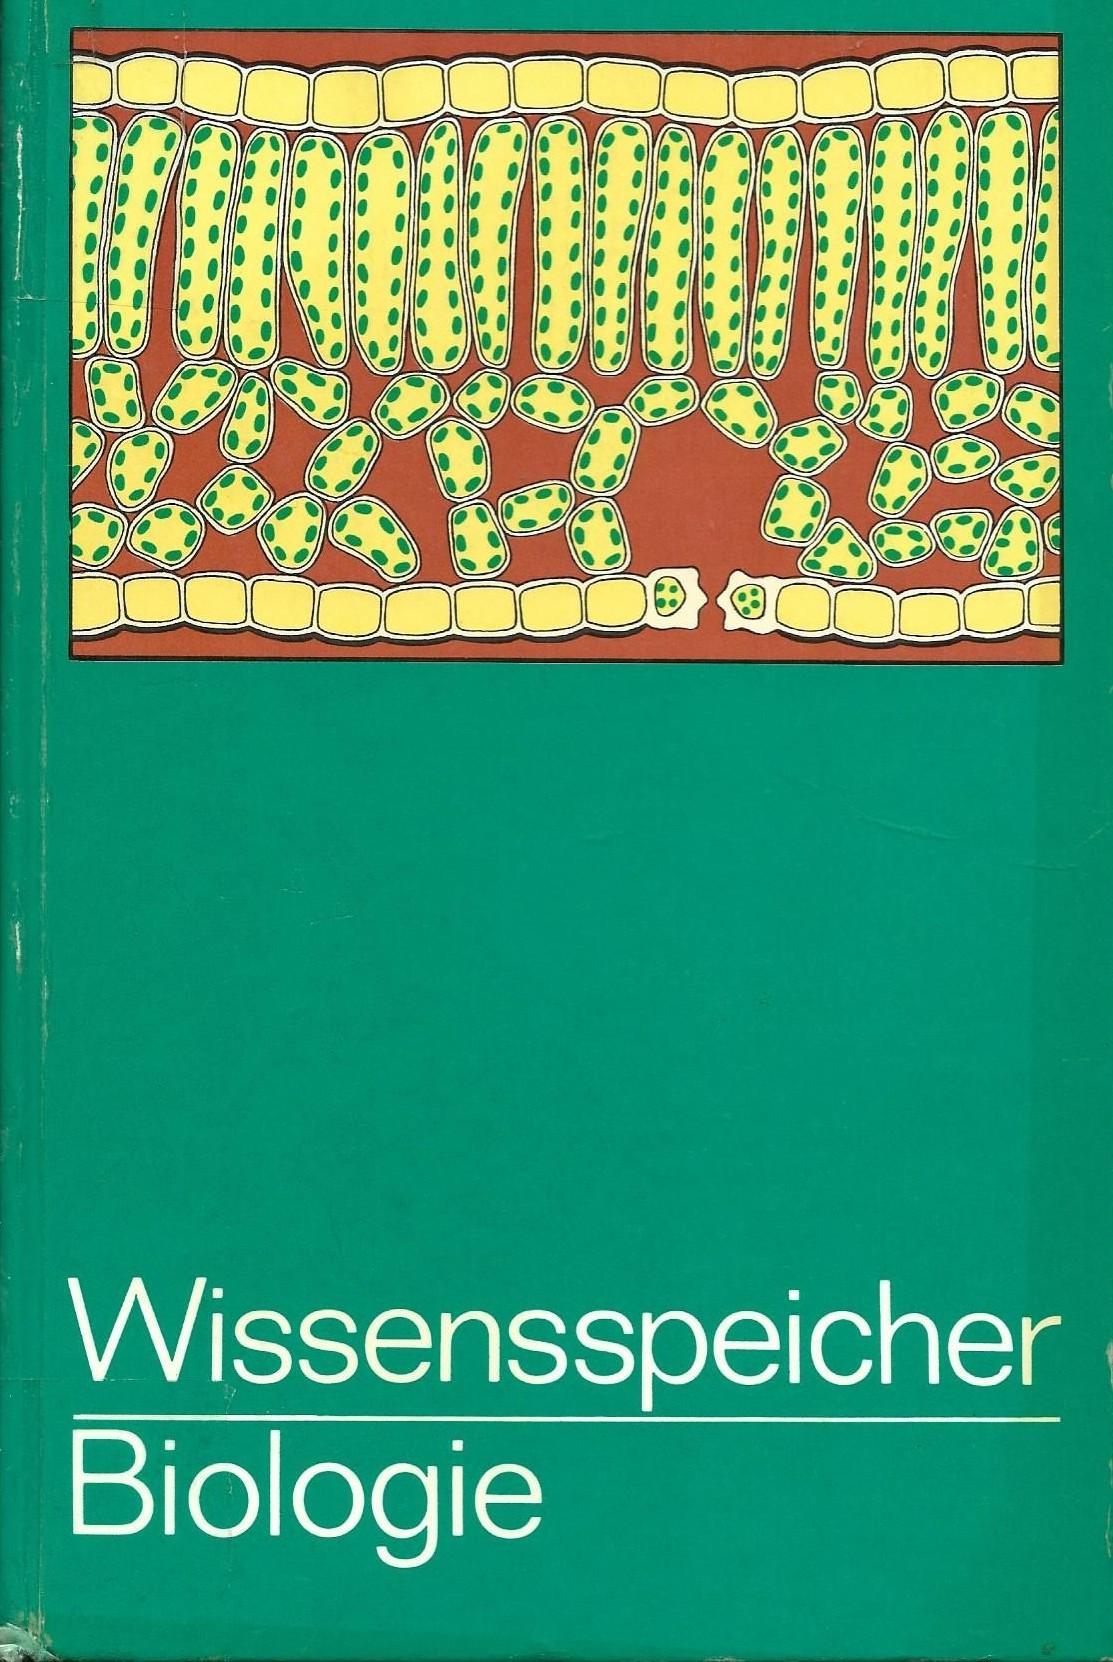 wissenspeicher biologie